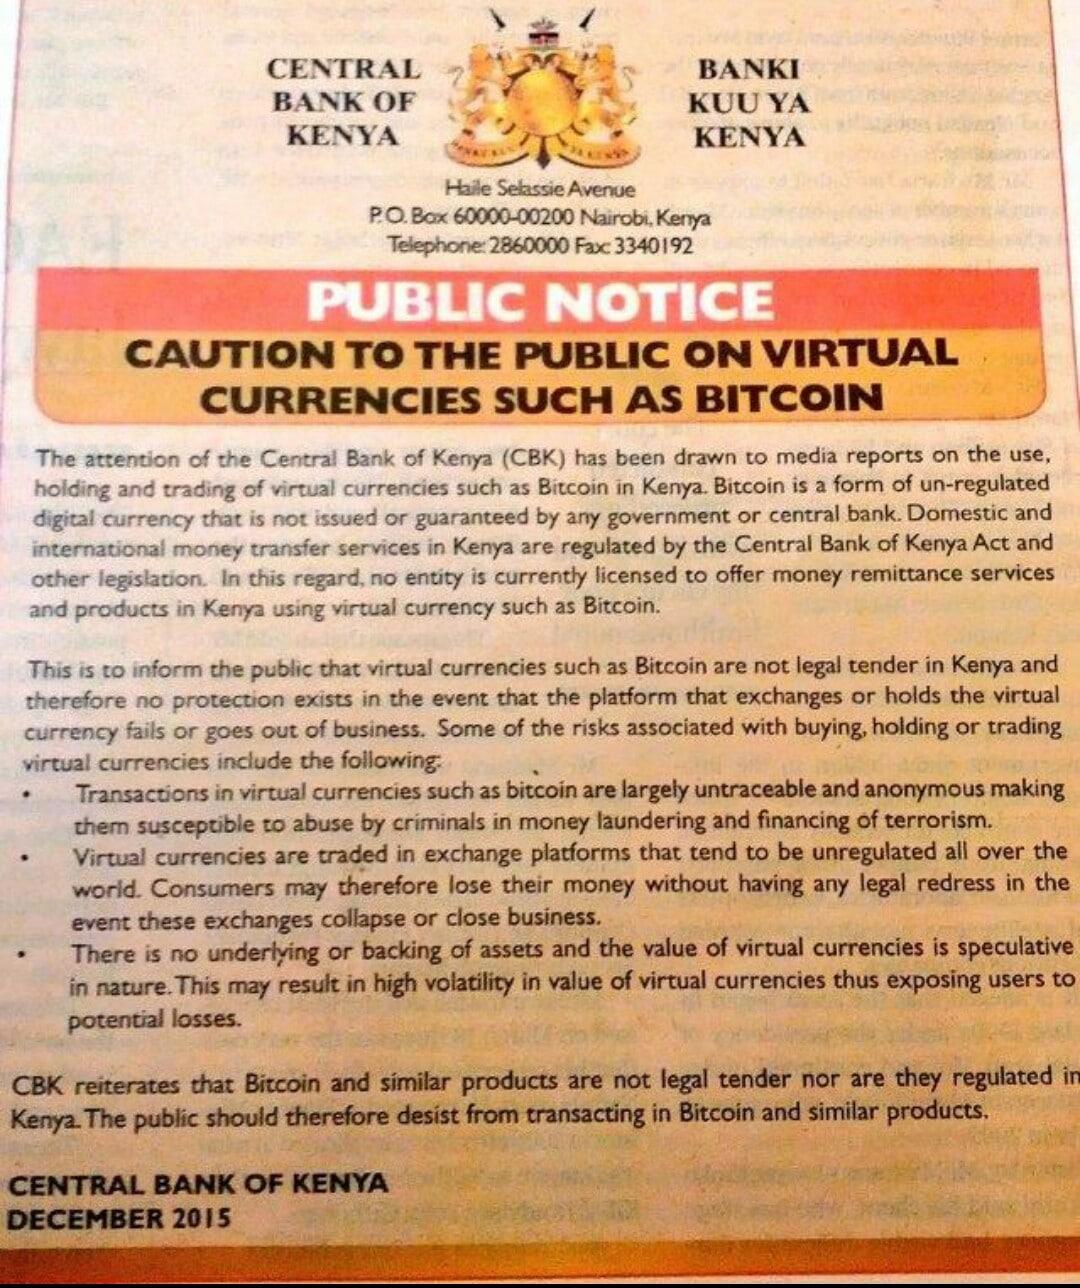 Banco Central Kenia Bitcoin